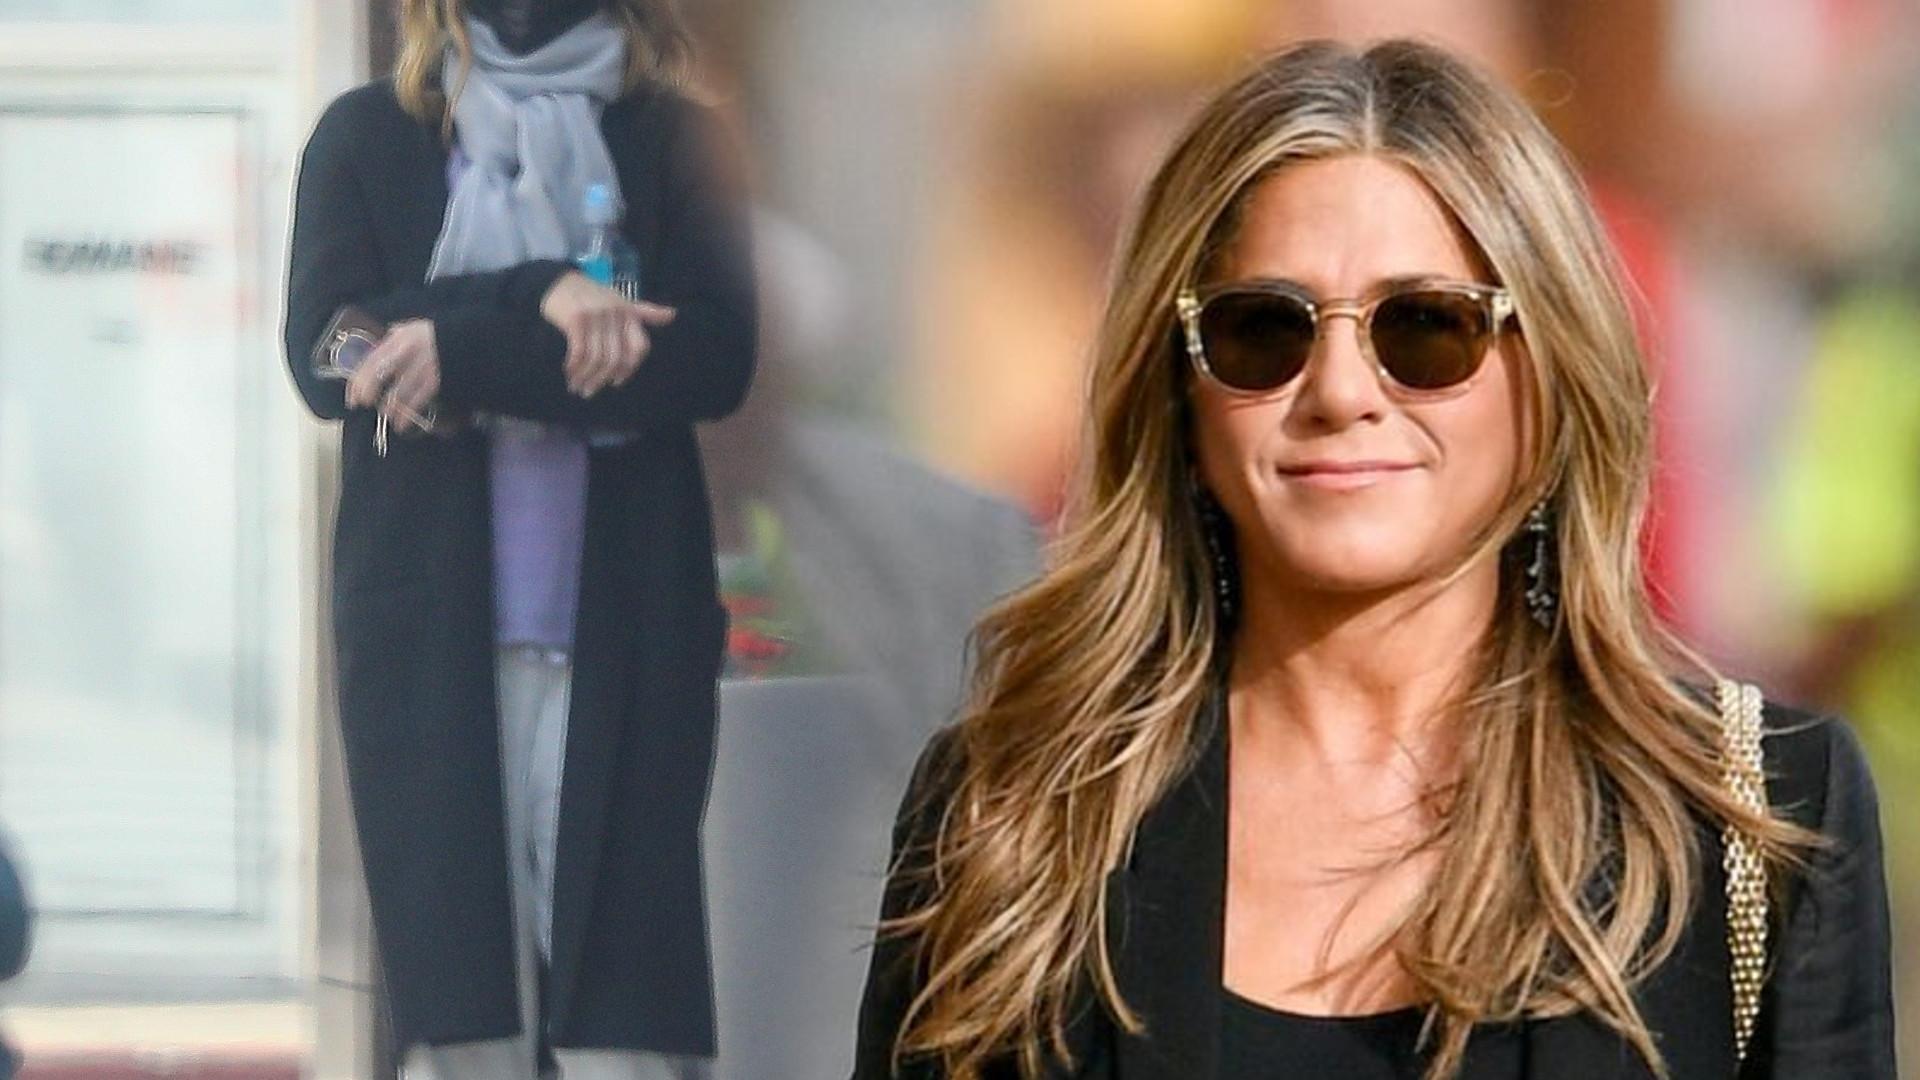 Zaniedbana Jennifer Aniston widziana po raz pierwszy od KILKU MIESIĘCY (FOTO)